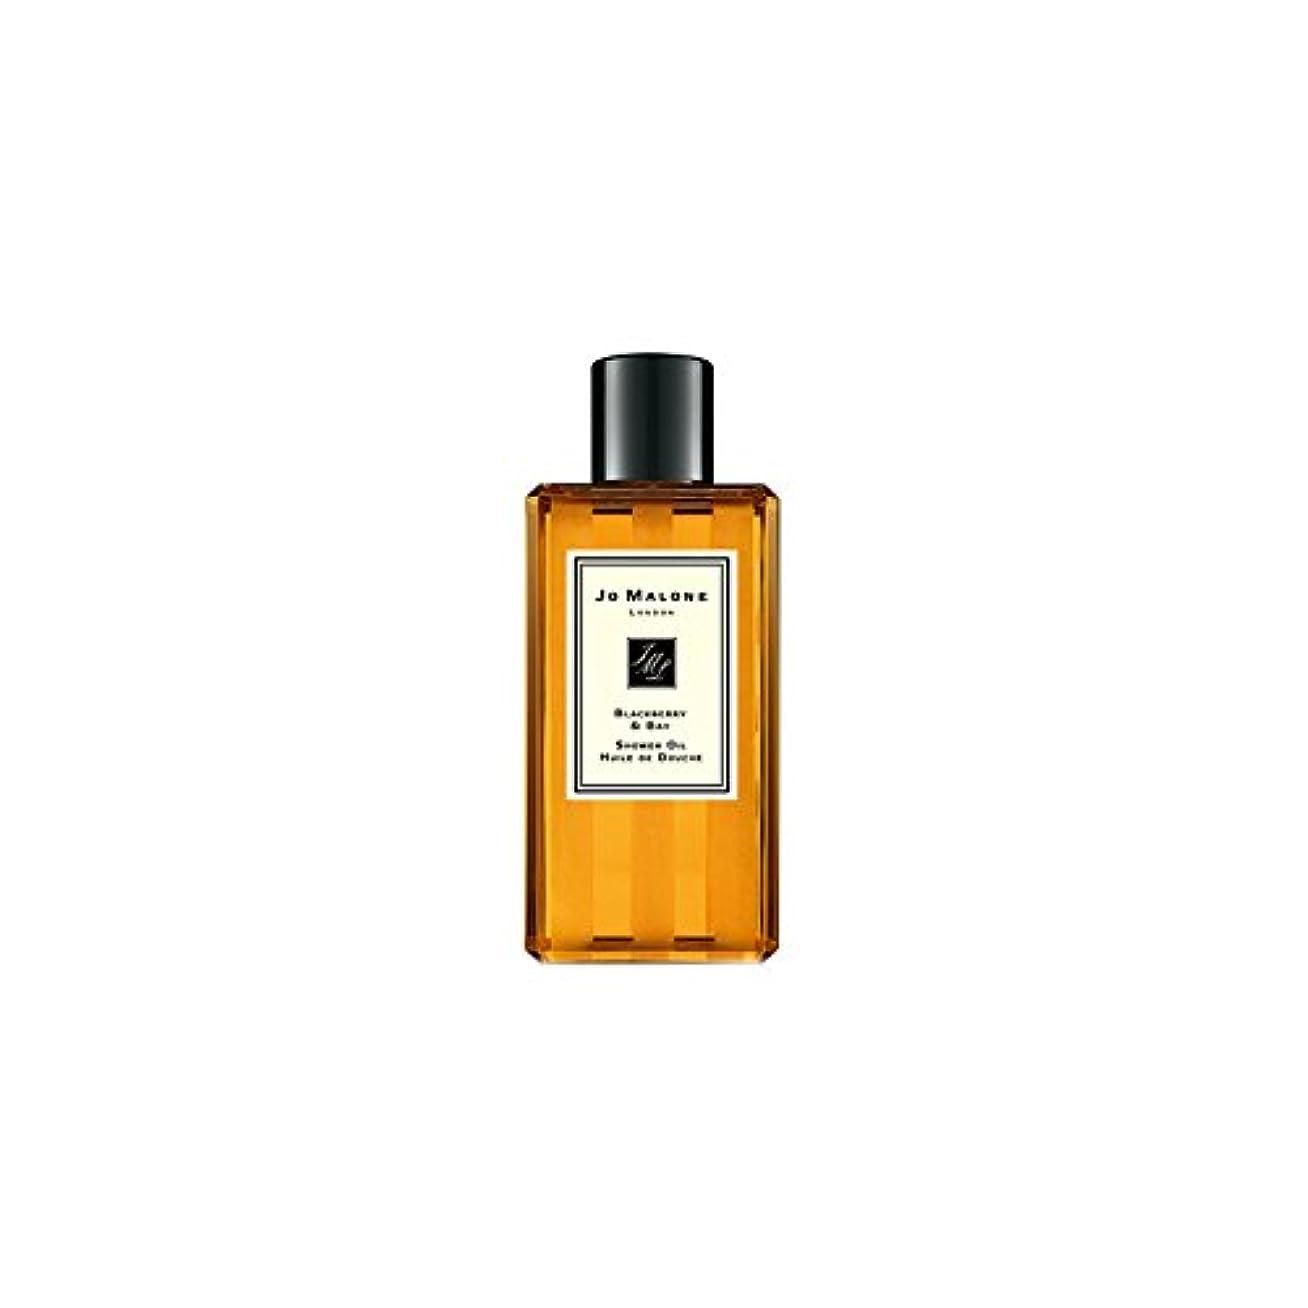 タウポ湖サルベージサスペンションJo Malone Blackberry & Bay Shower Oil - 250ml (Pack of 2) - ジョーマローンブラックベリー&ベイシャワーオイル - 250ミリリットル (x2) [並行輸入品]